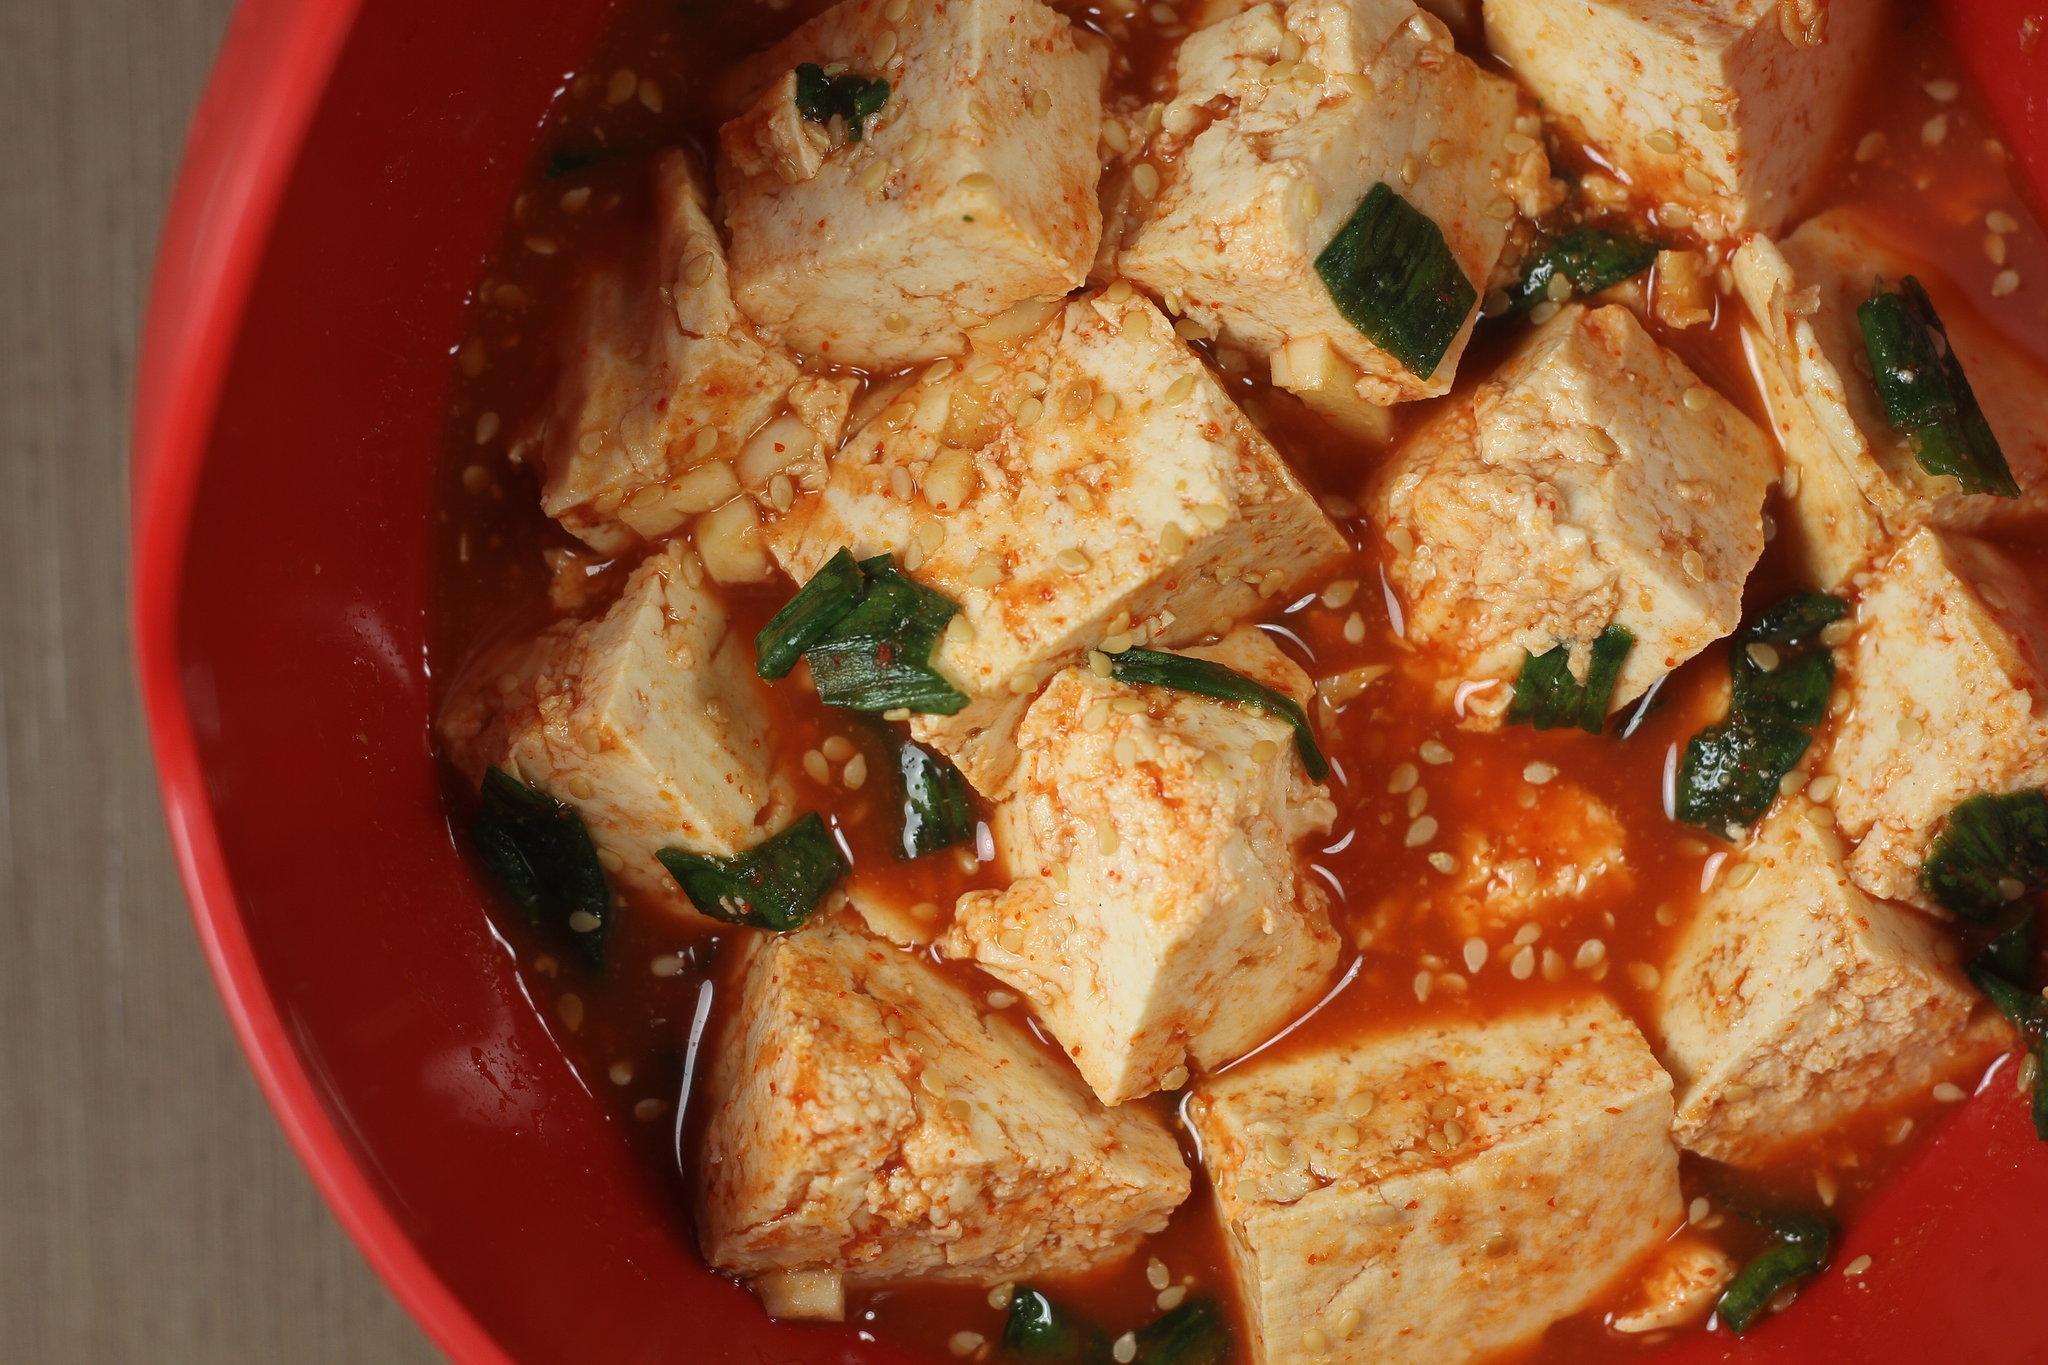 Spicy Tofu and Broccoli Stir-Fry | POPSUGAR Food